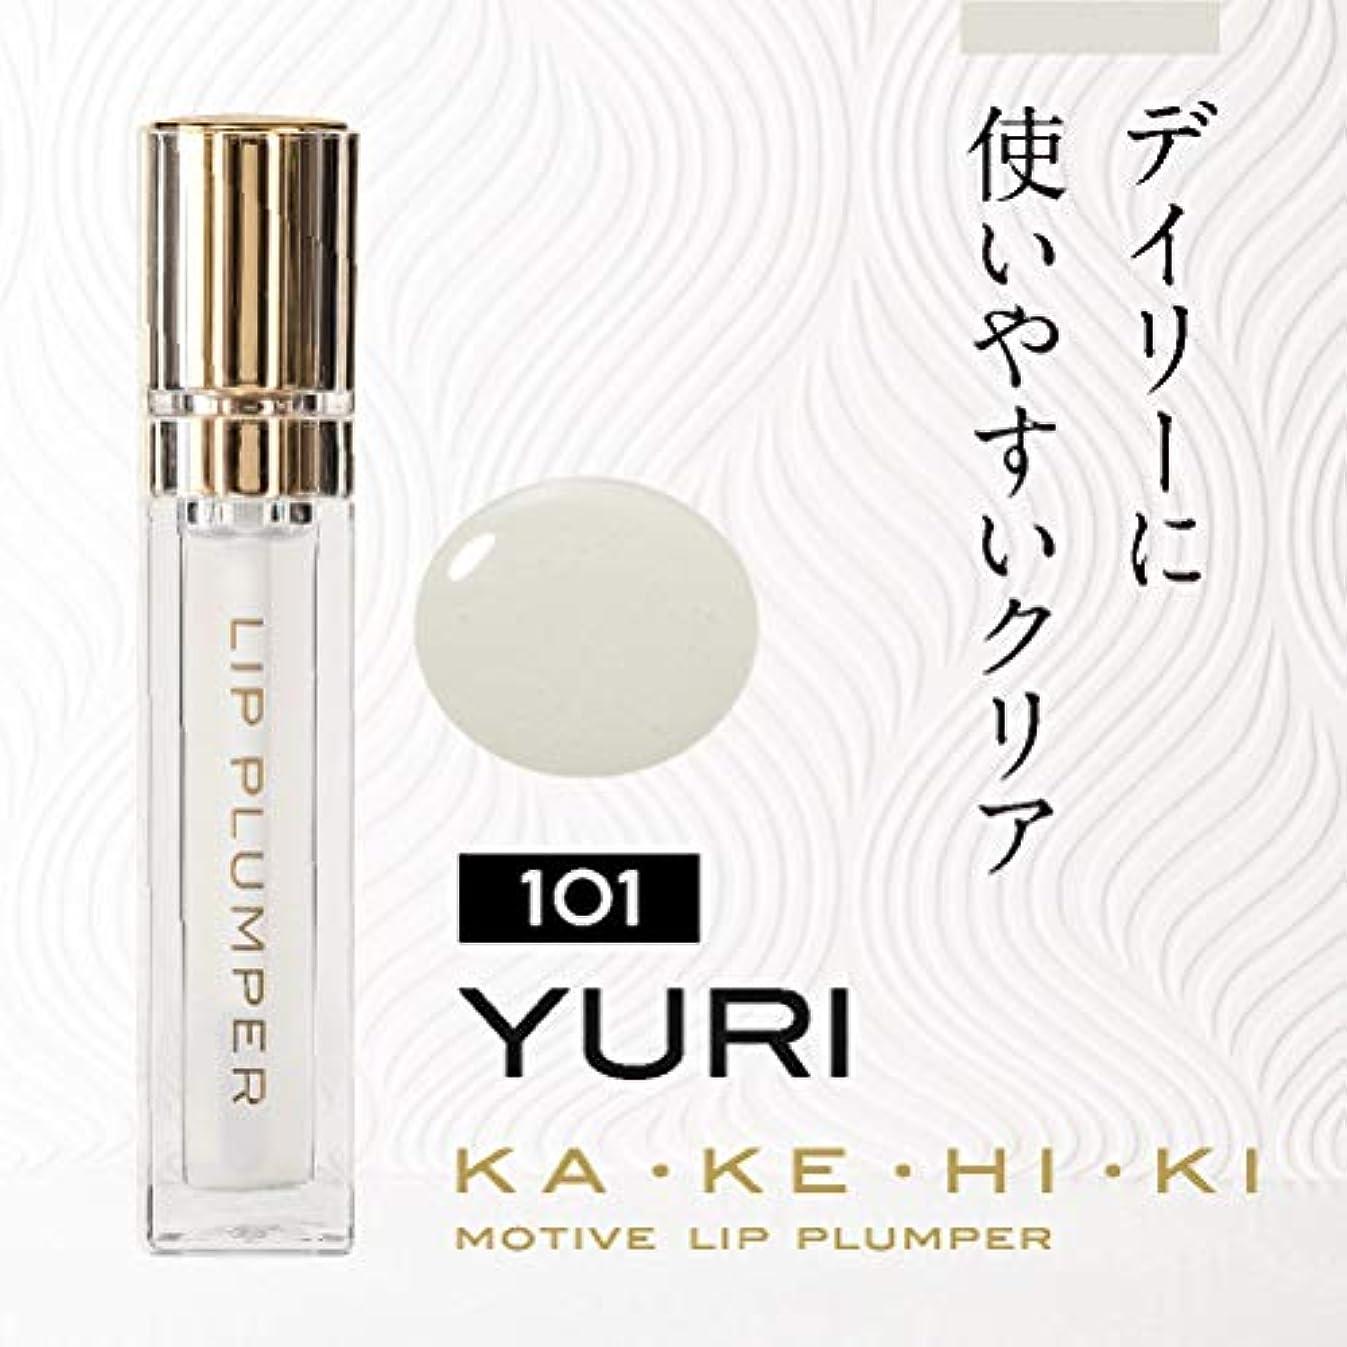 モニカ必要性正確にリッププランパー KAKEHIKI (101 YURI クリア)